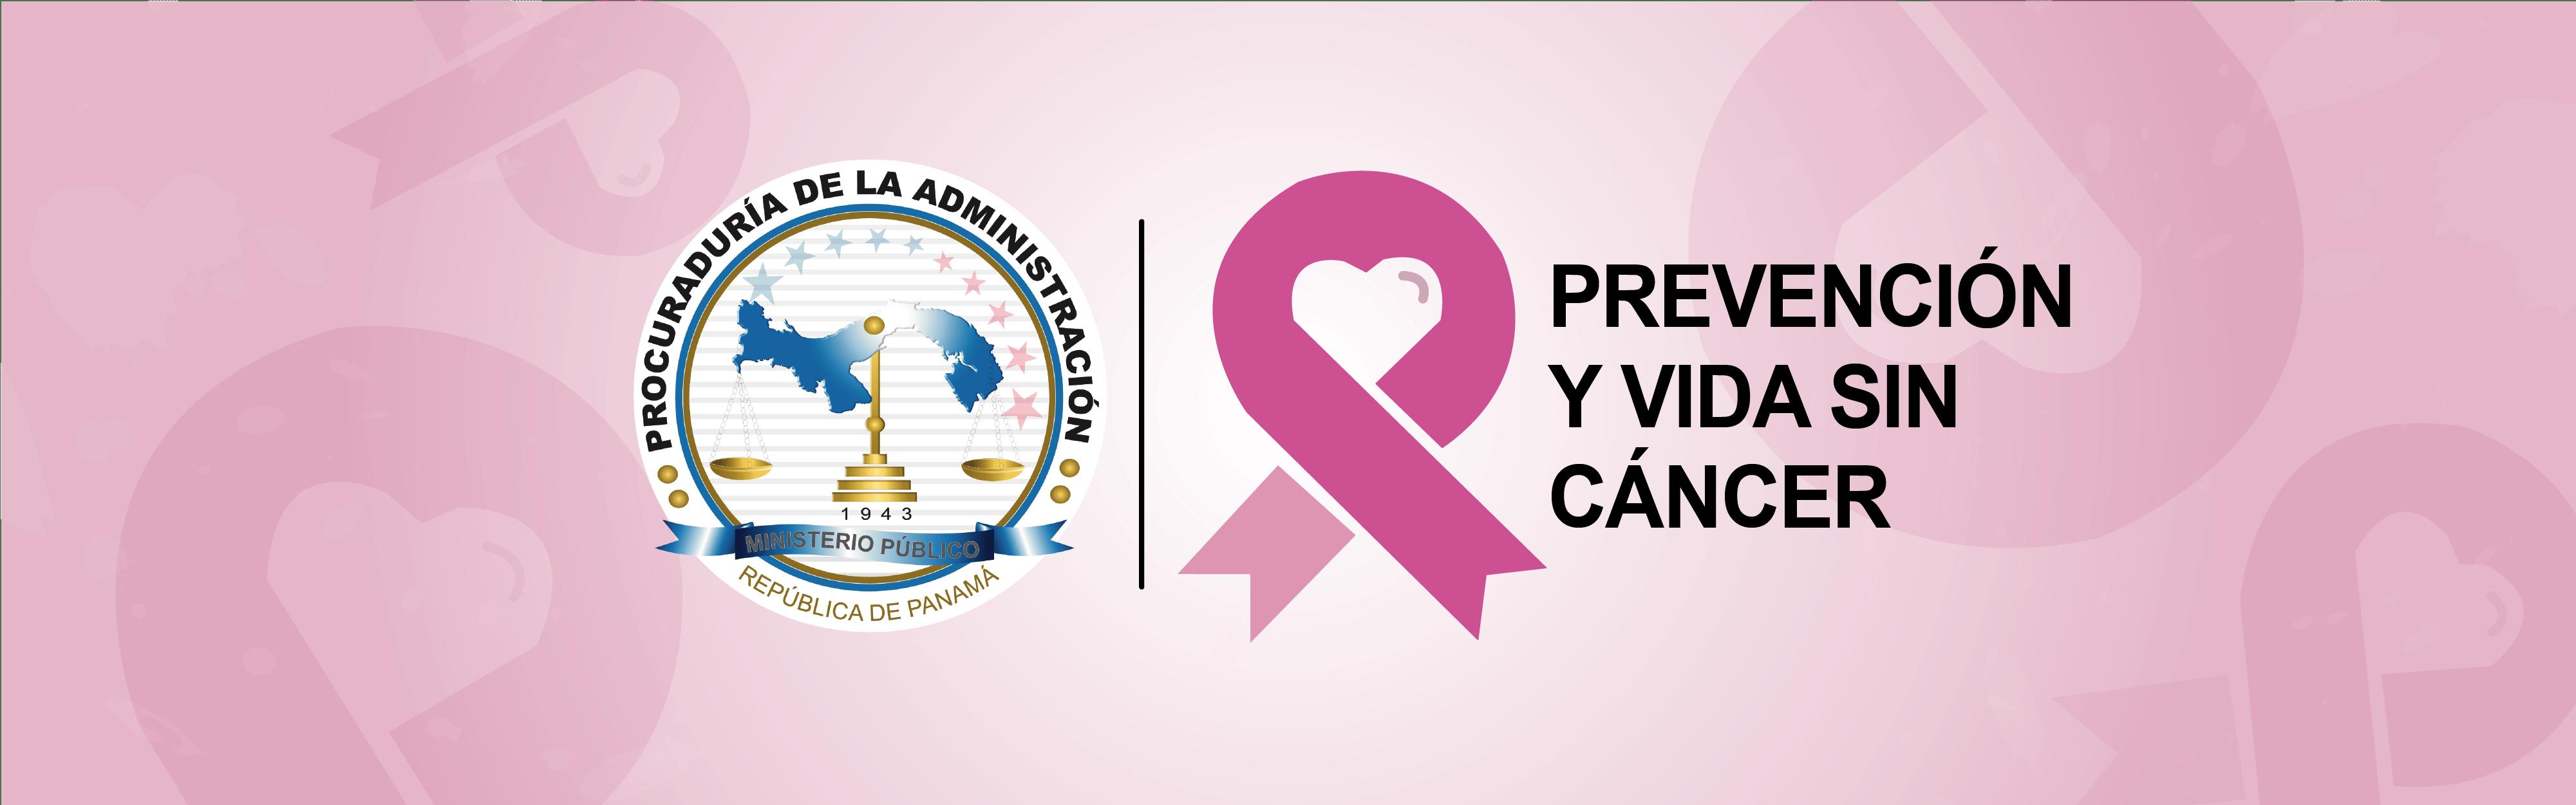 Uniendo Fuerzas contra el Cancer